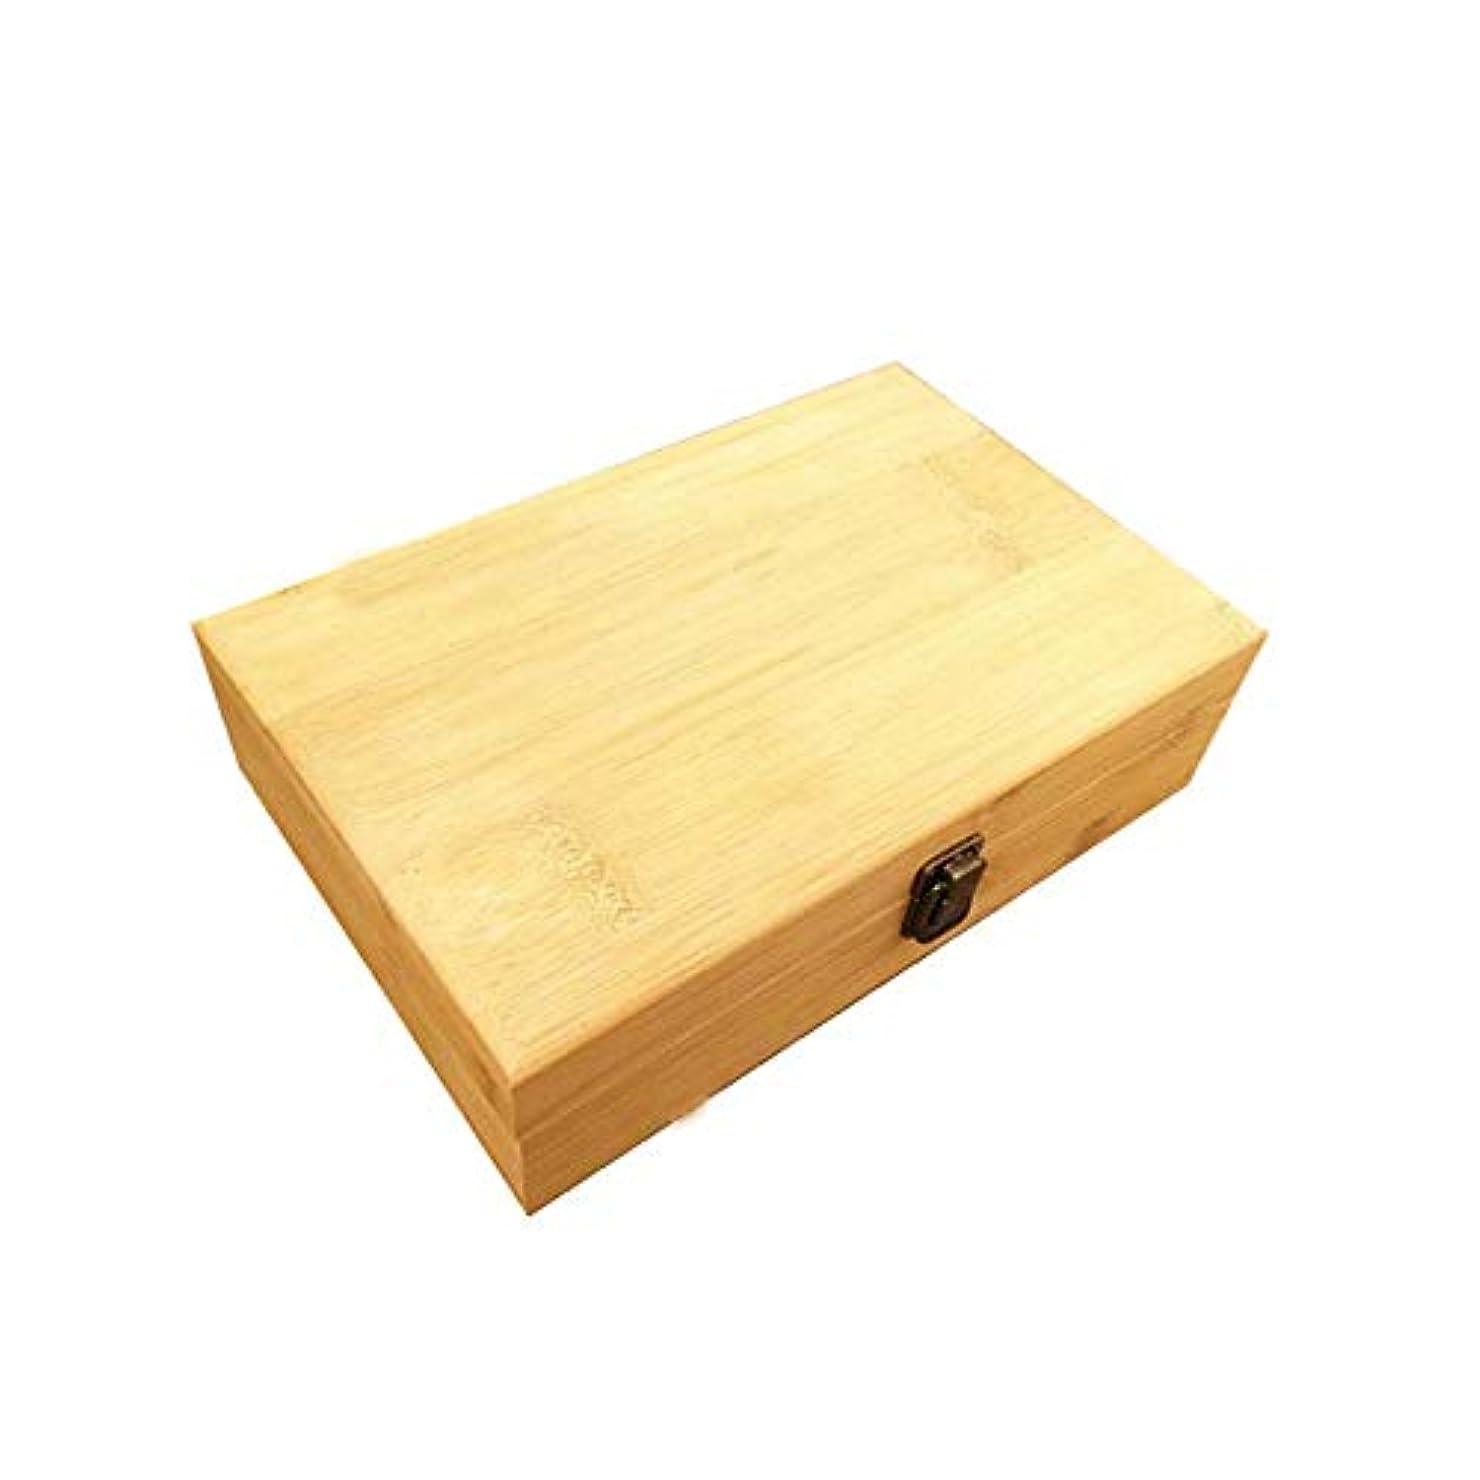 夕食を作る名詞無傷エッセンシャルオイルストレージボックス 40スロットエッセンシャルオイルボックス木製収納ケースは、40本のボトルエッセンシャルオイルスペースセーバーの開催します 旅行およびプレゼンテーション用 (色 : Natural,...